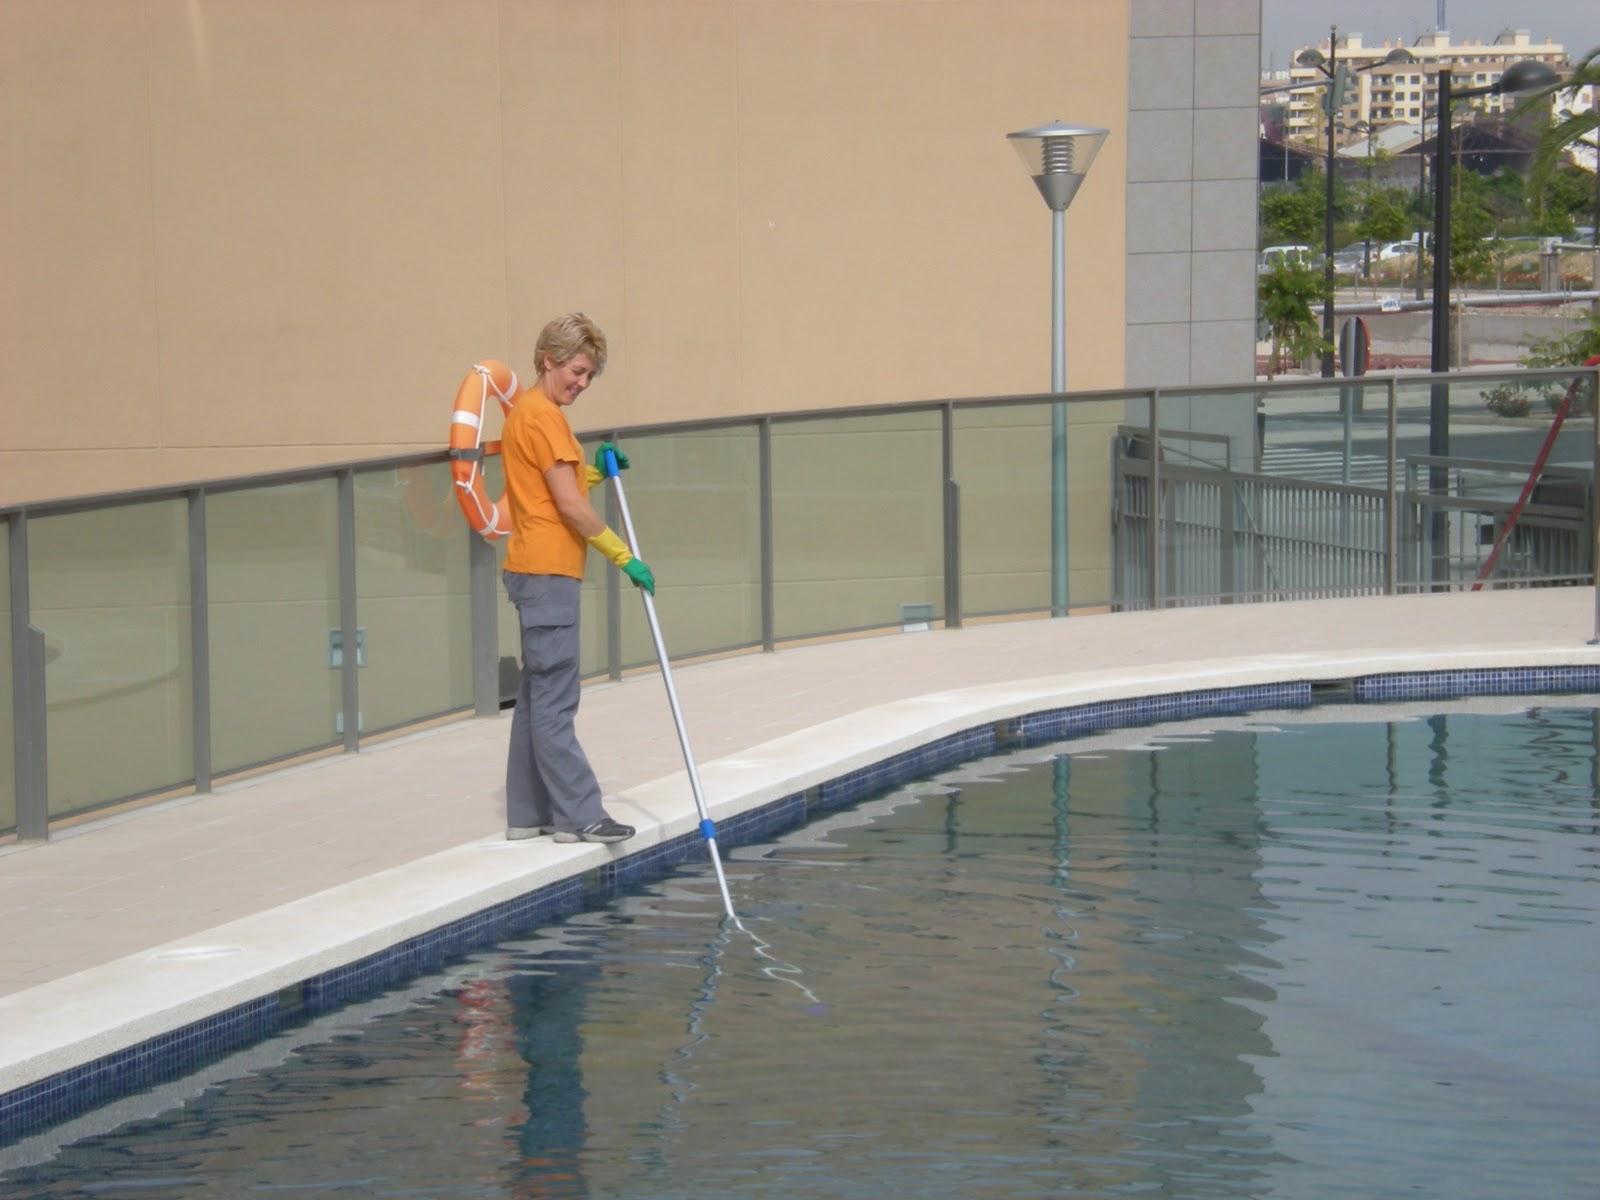 Jelos y guadalaviar mantenimiento de la piscina en invierno for Mantenimiento piscina invierno